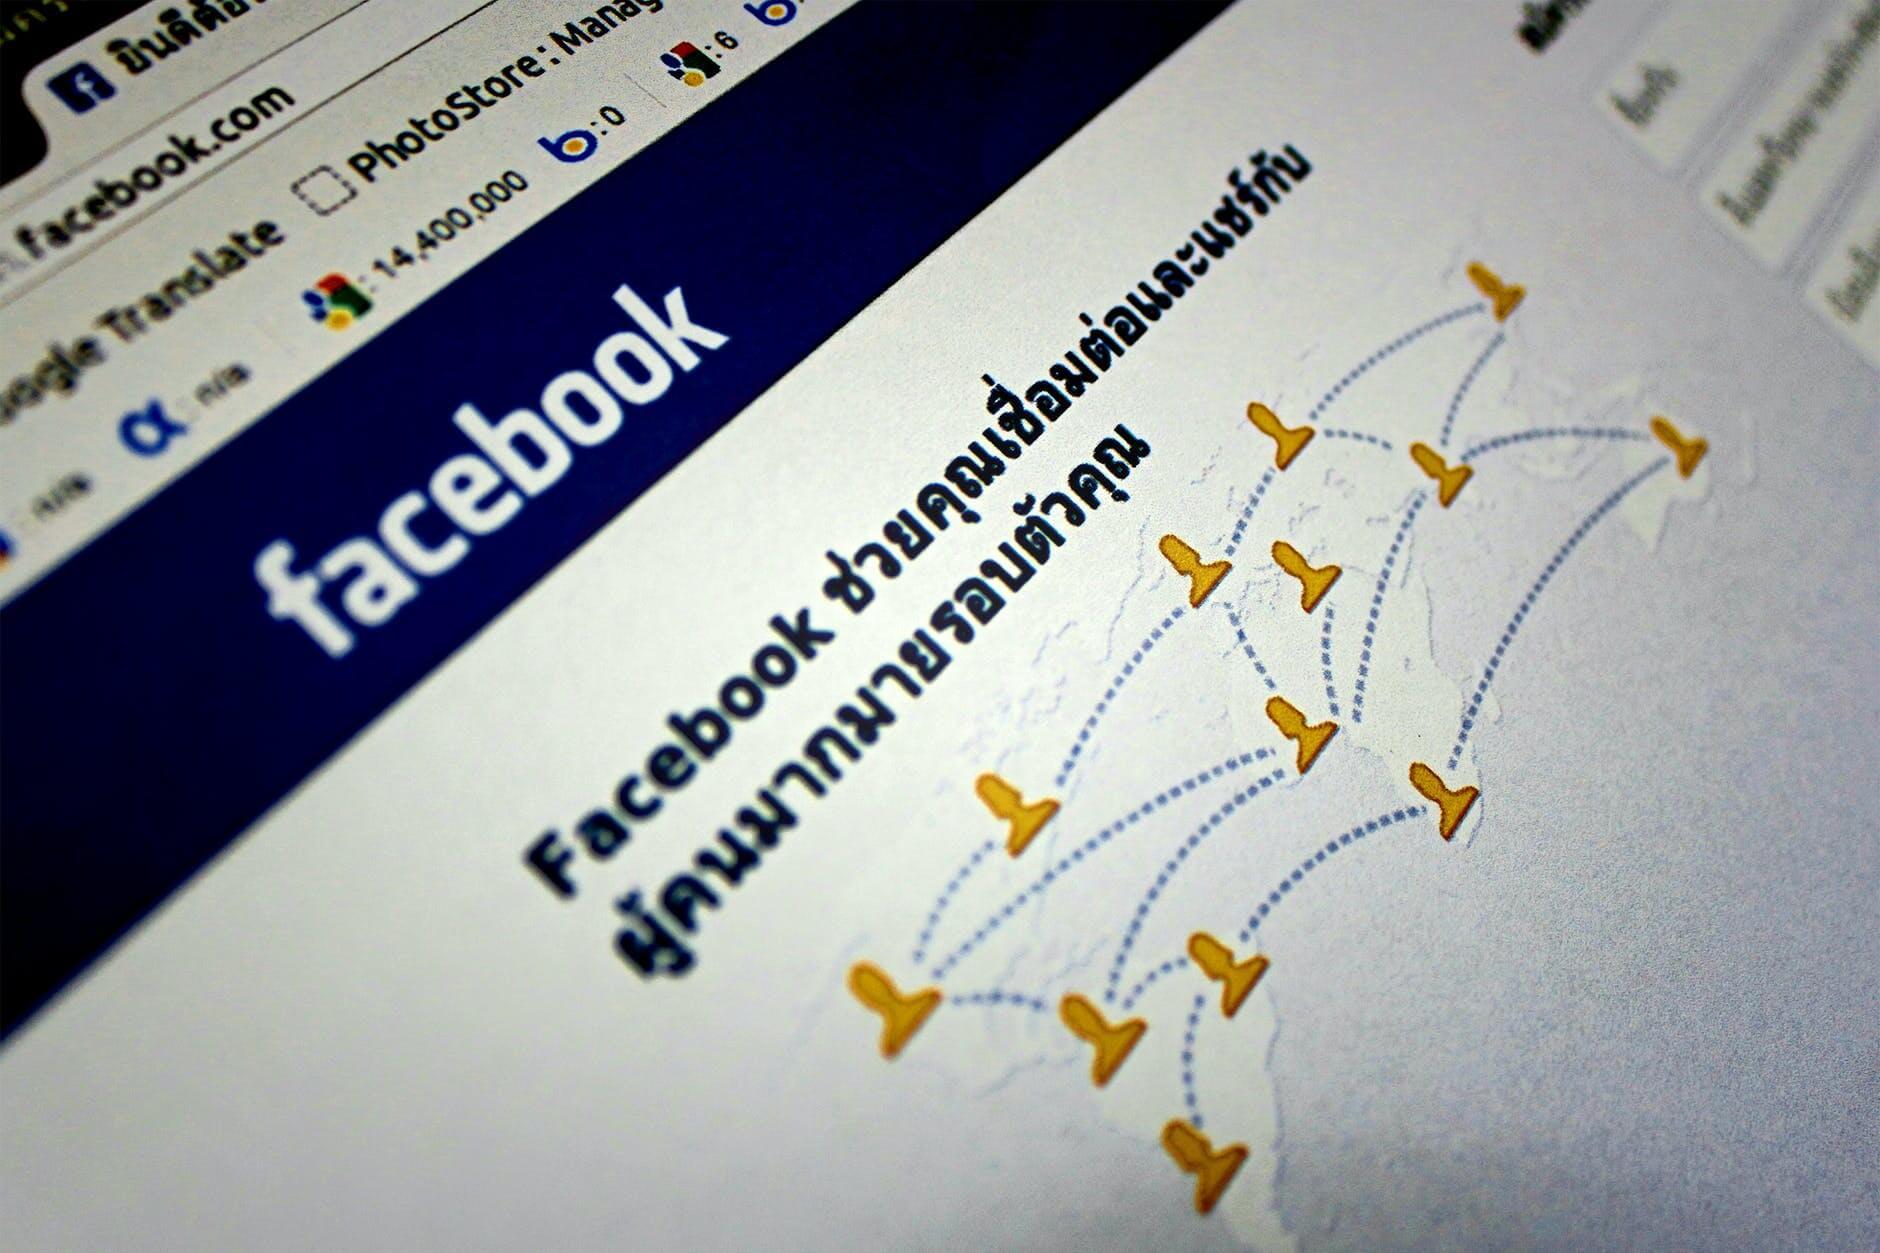 Що трапилося з фейсбуком?